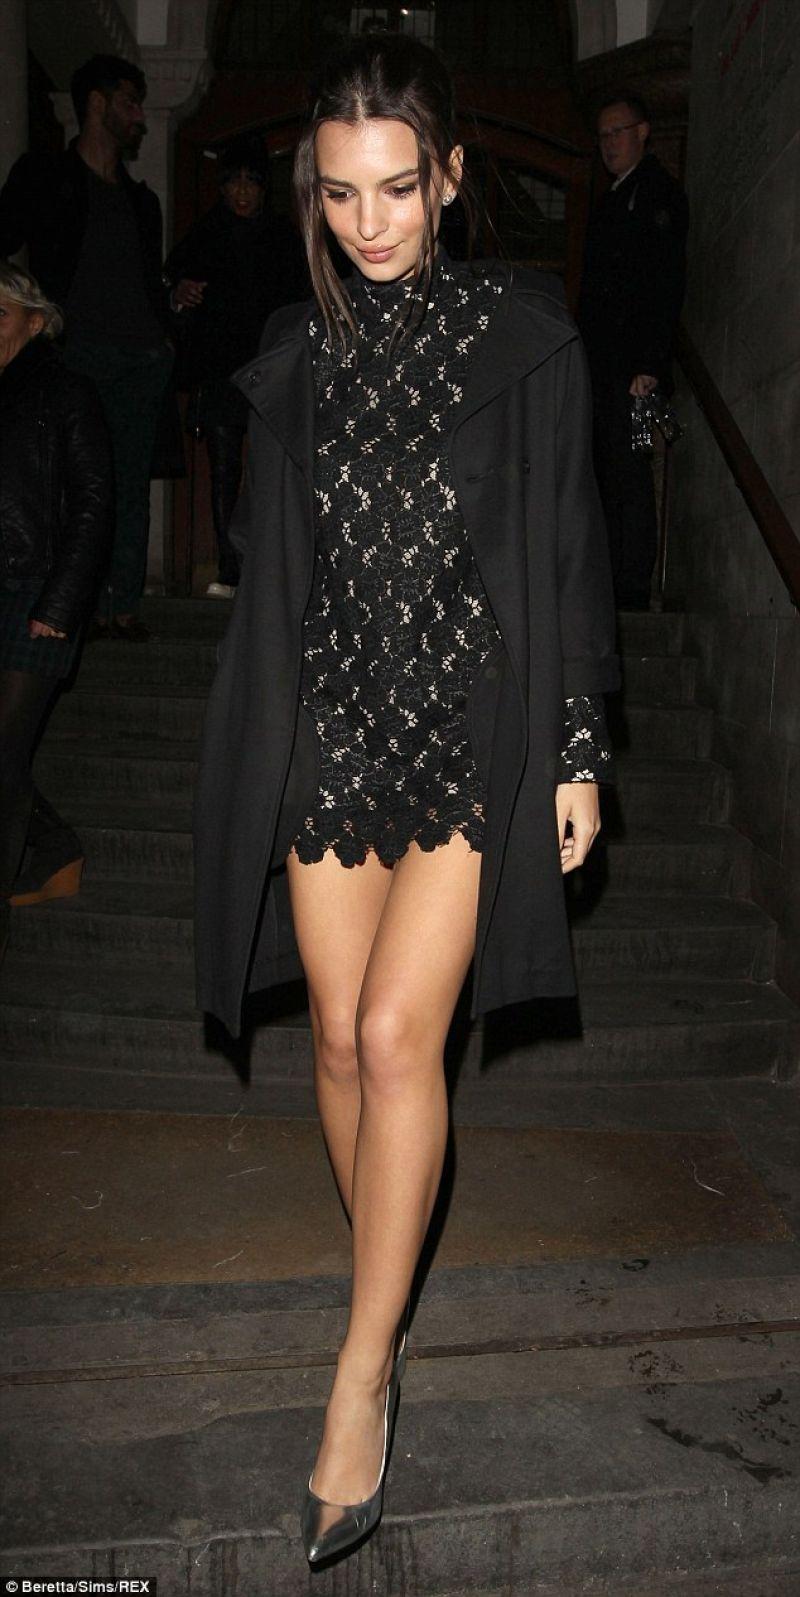 EMILY RATAJKOWSKI at Giles Deacon Fashion Show in London